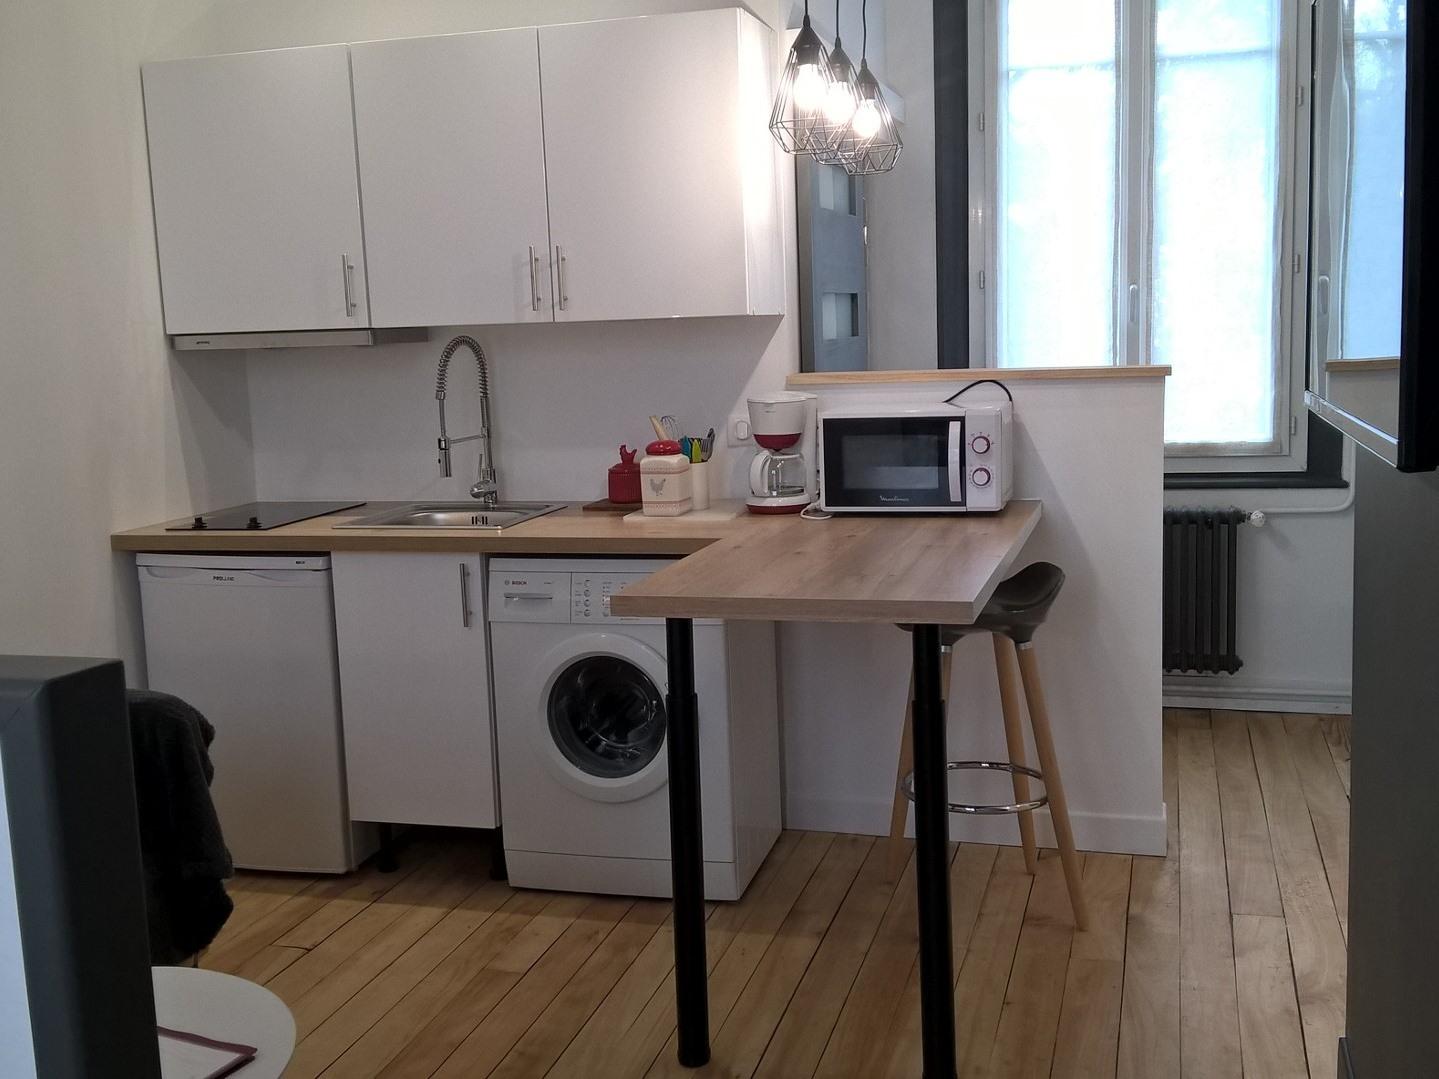 Appartement-Salle de bain privée séparée-Gîte / 2 Chambres - Tarif de base